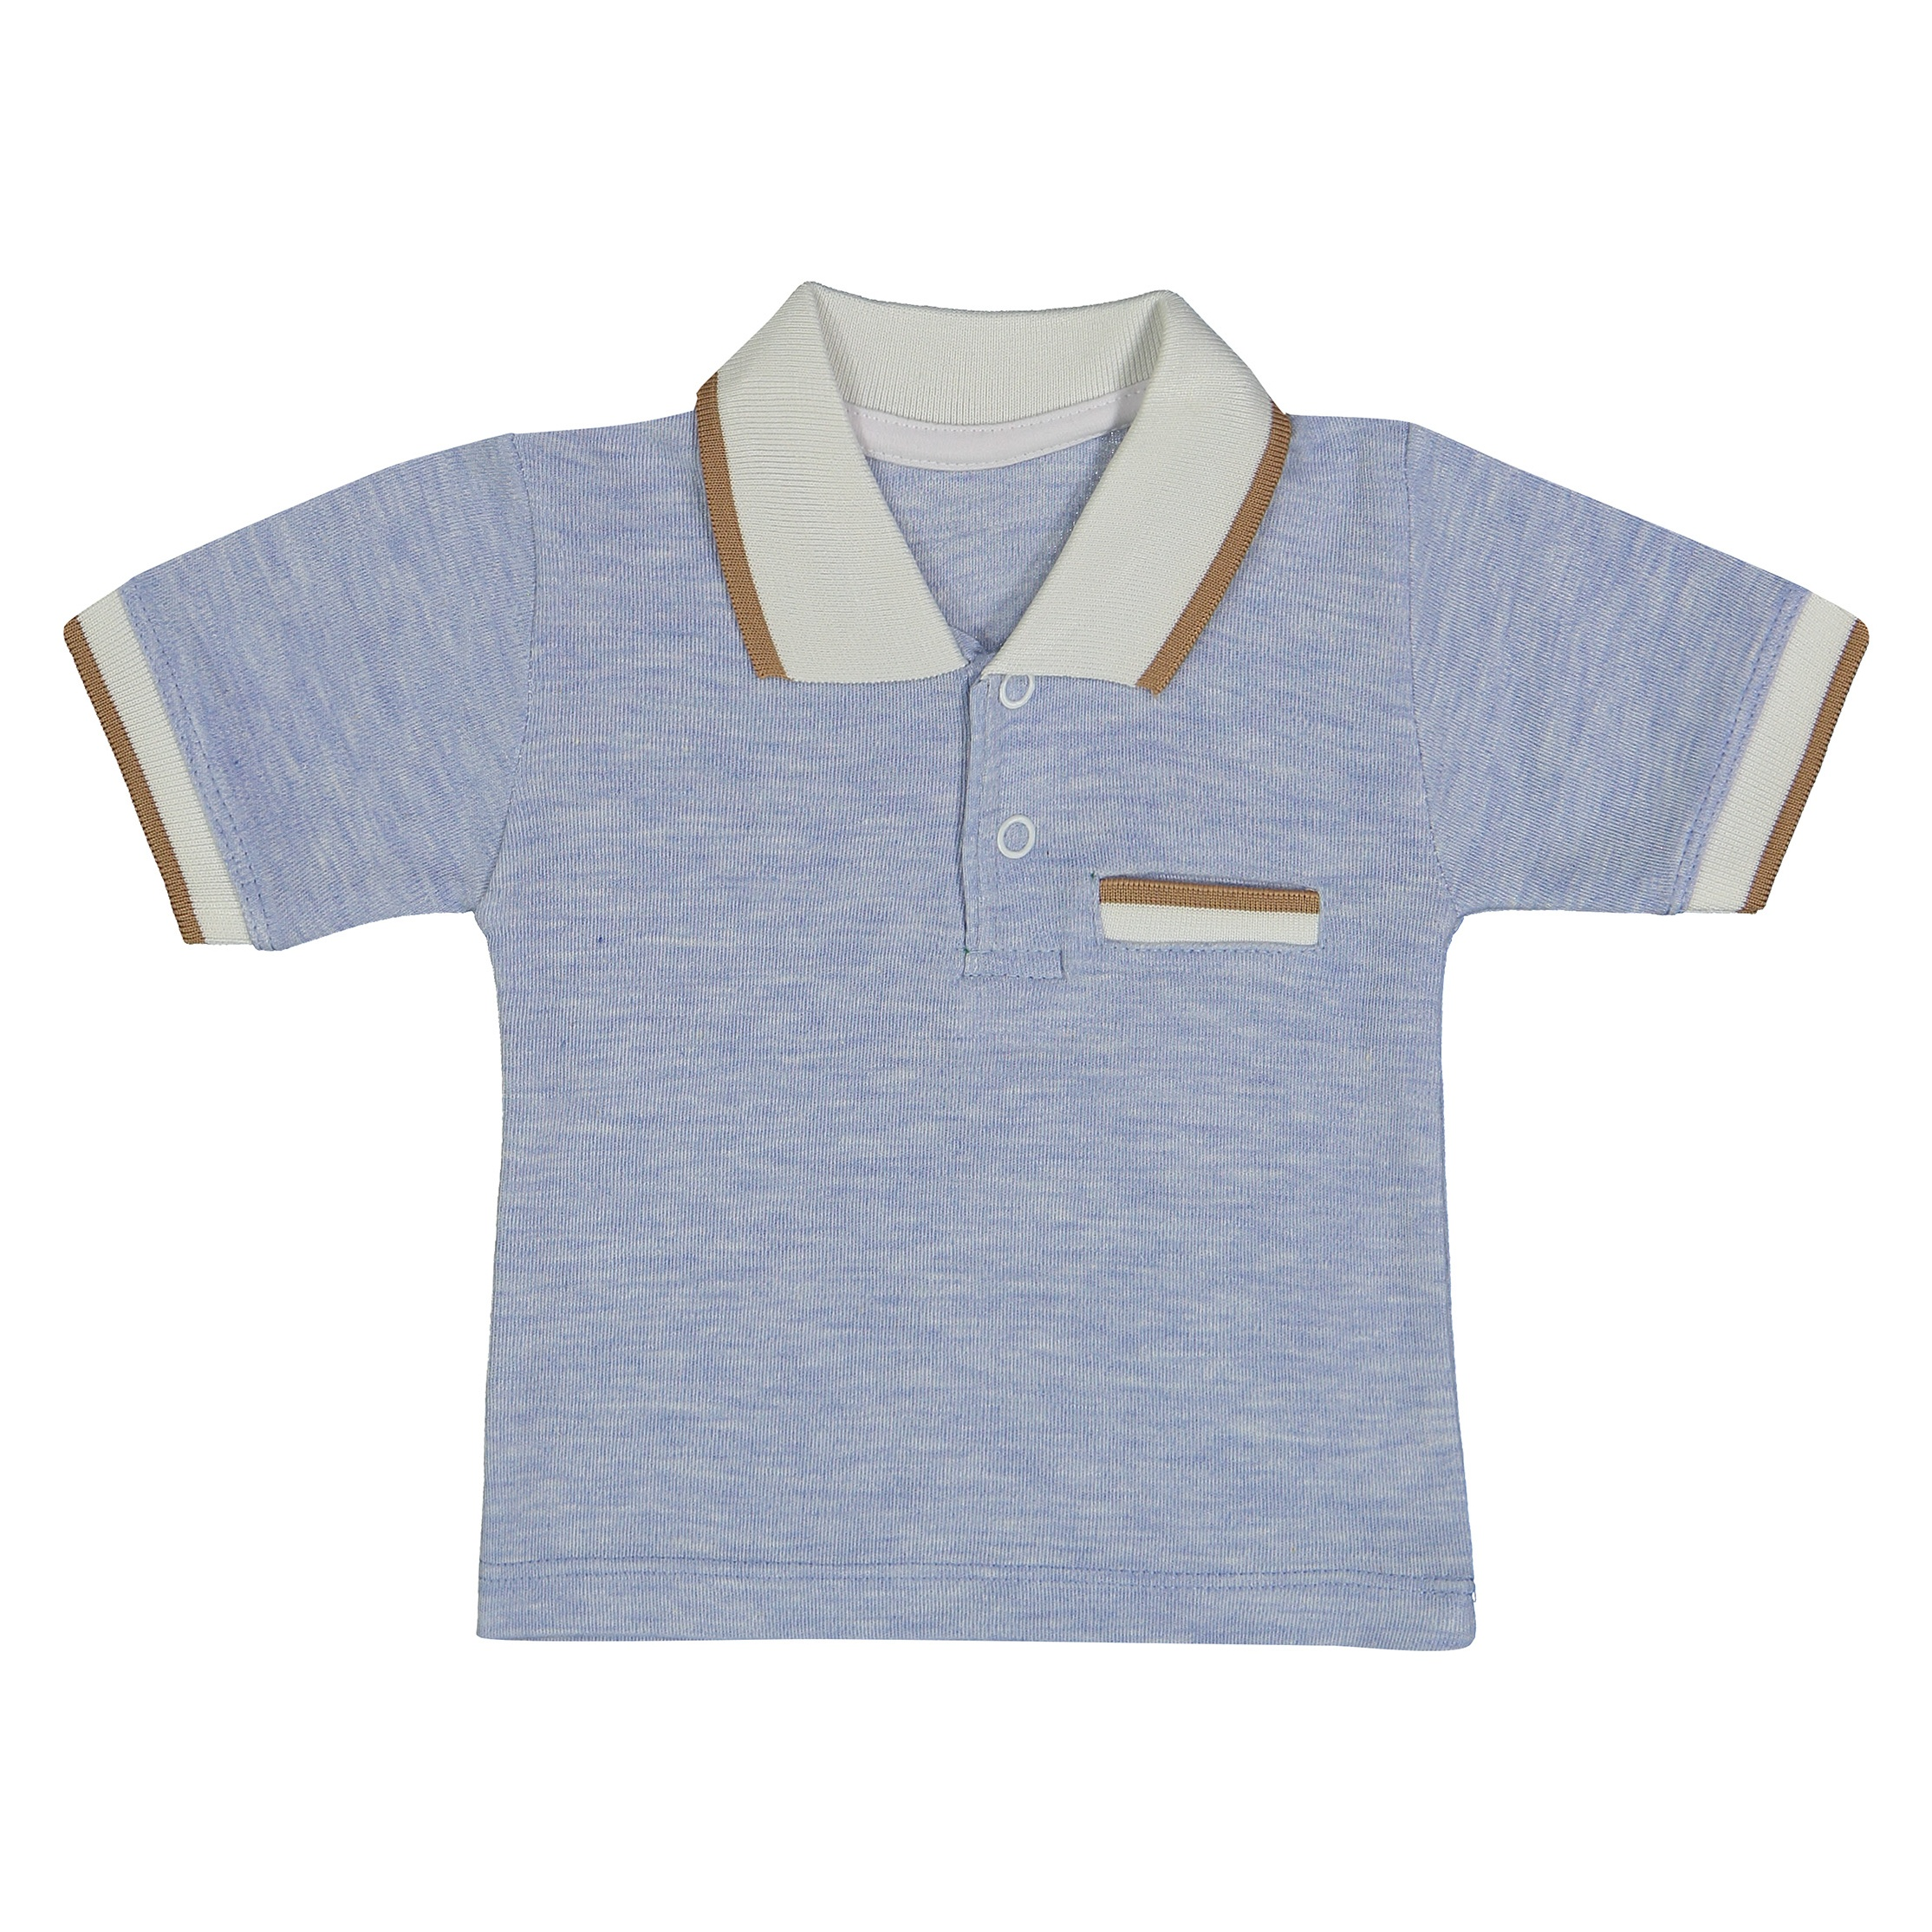 پولو شرت نوزادی پسرانه کد 726-2